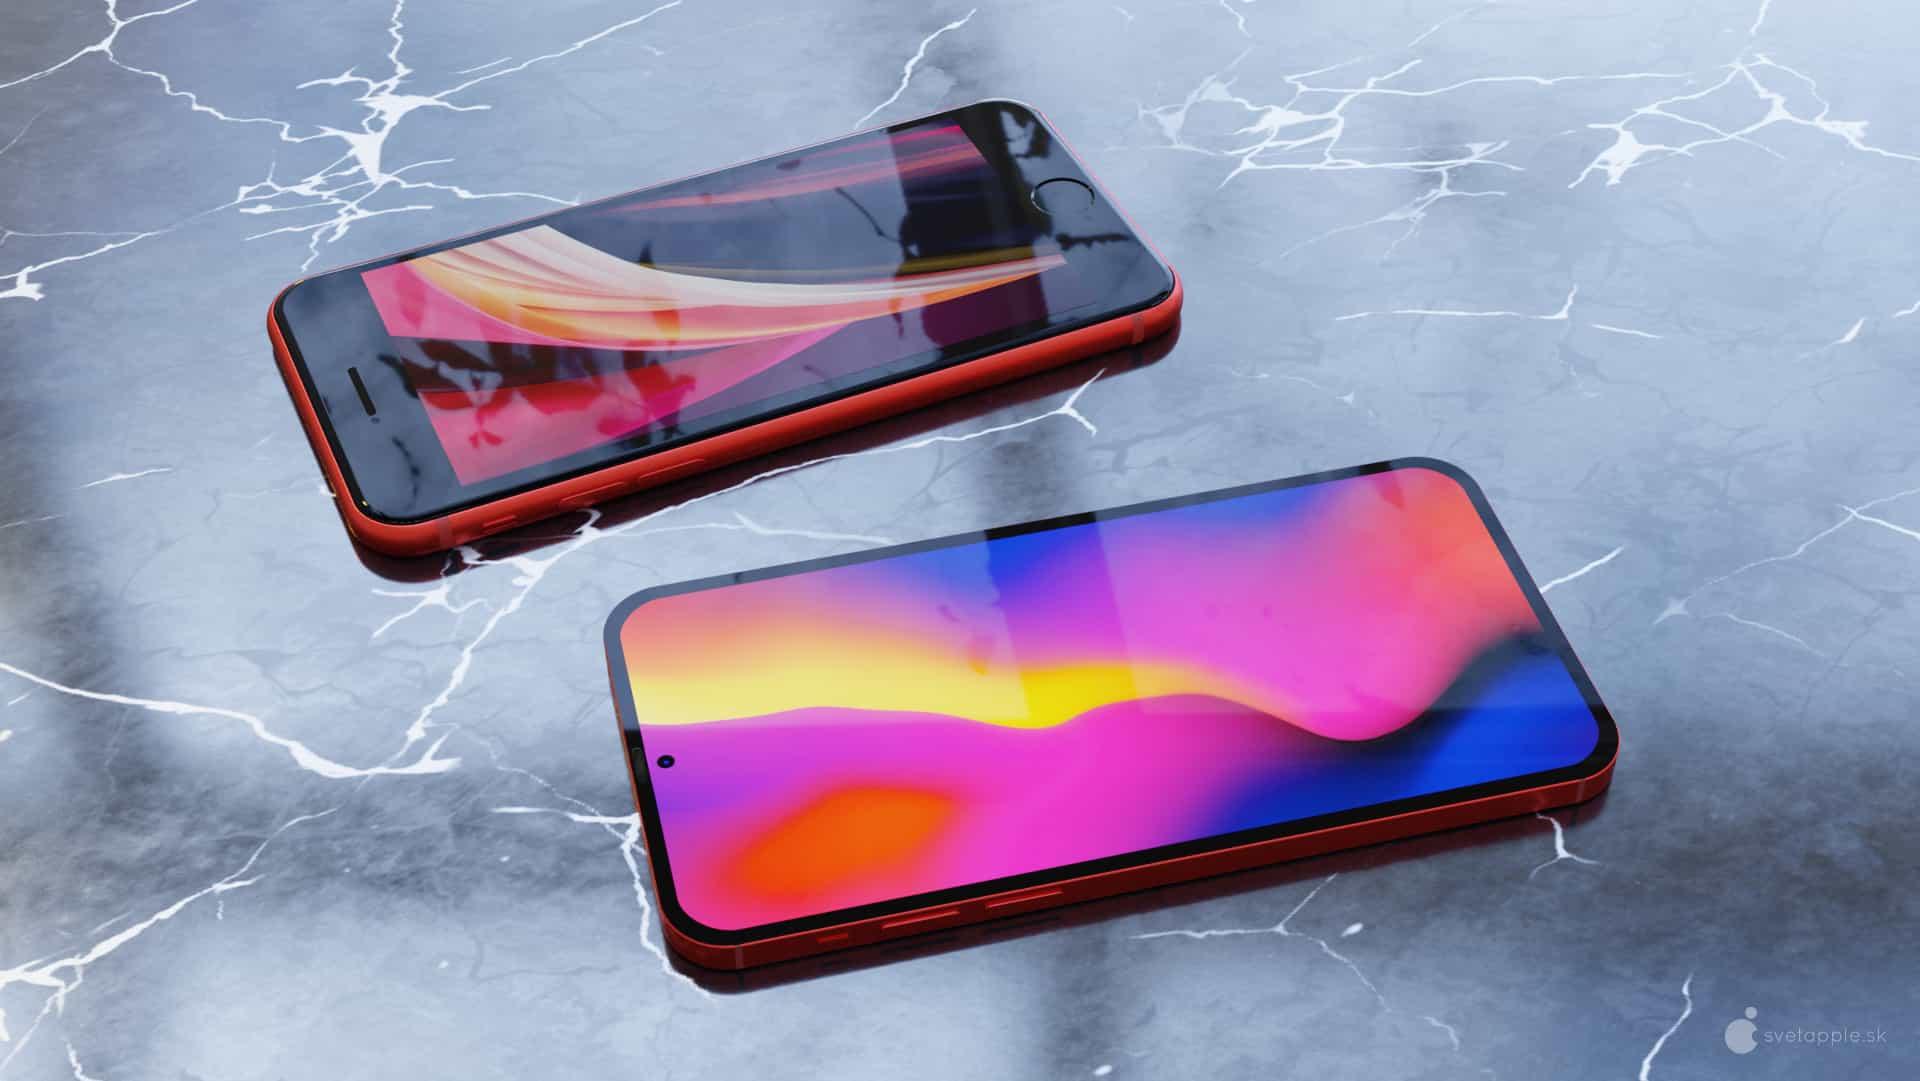 El diseño del iPhone SE 3 de Apple suena bastante decepcionante